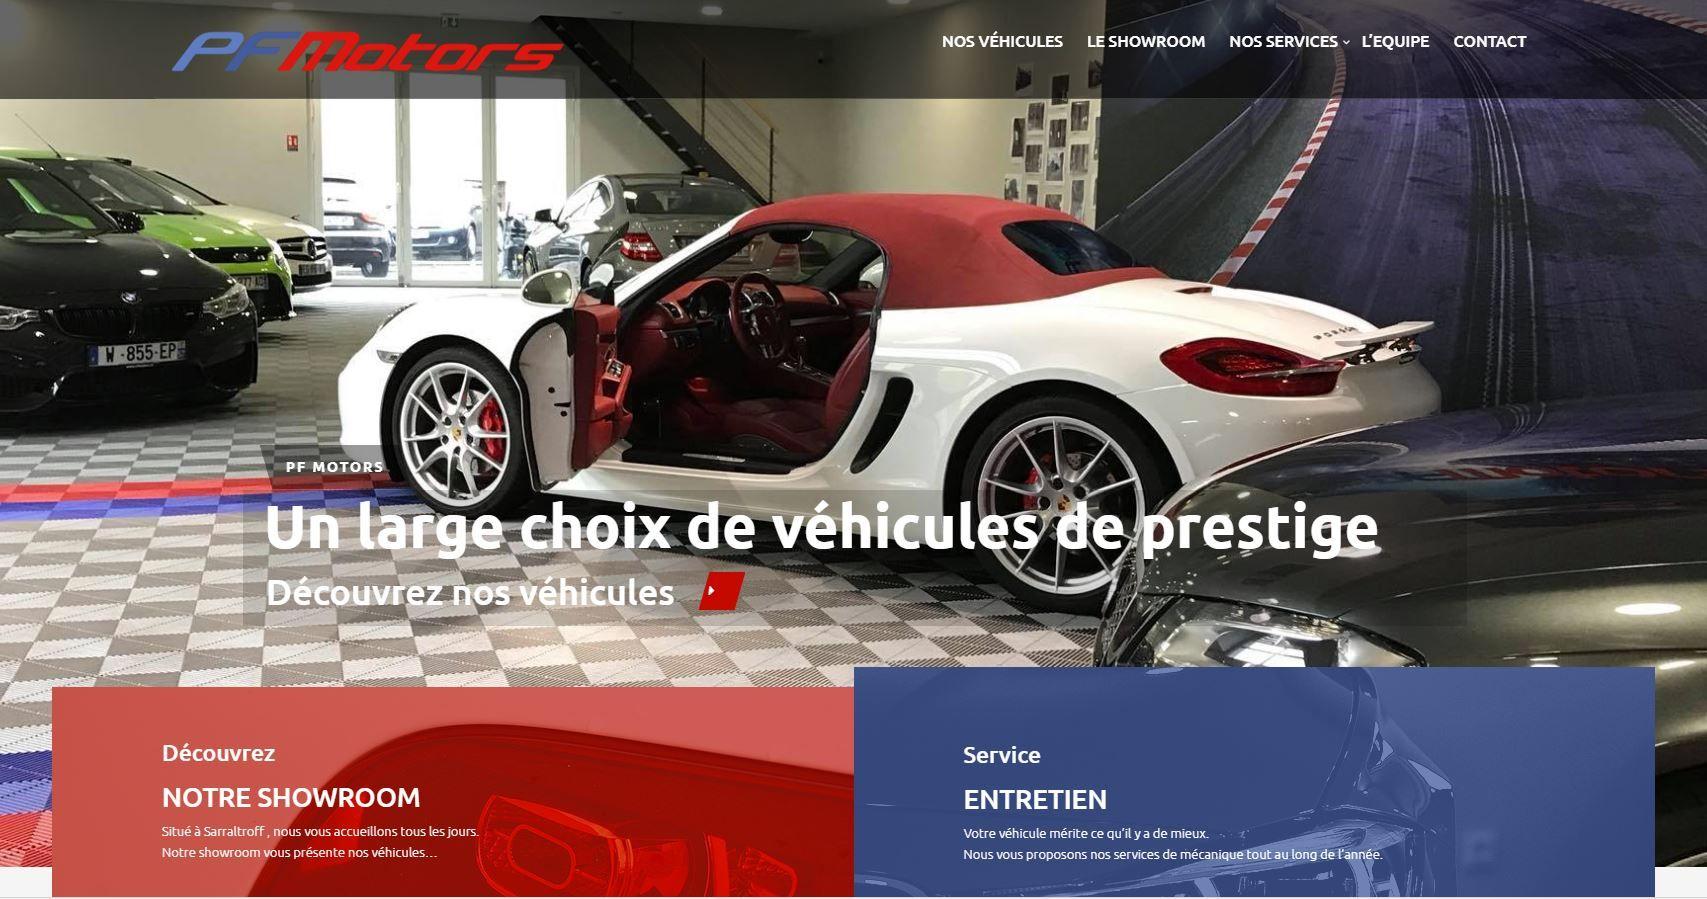 PF Motors